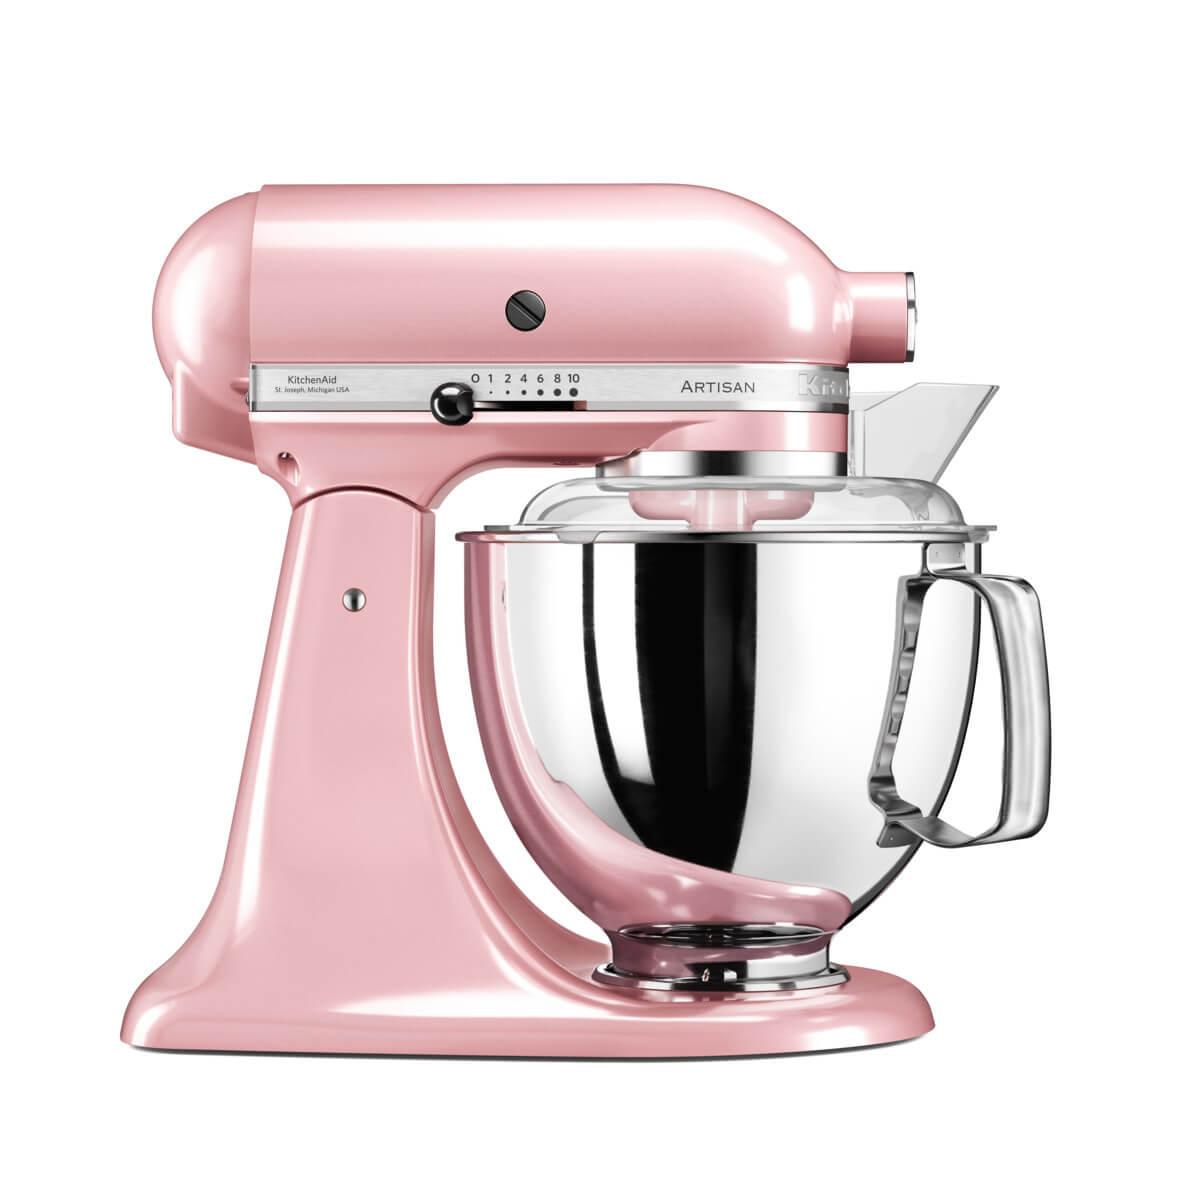 KitchenAid samostojeći mikser Artisan (4,8 l) – 5KSM175PS - BoysenberryKitchenAid samostojeći mikser Artisan (4,8 l) – 5KSM175PS - Silk Pink